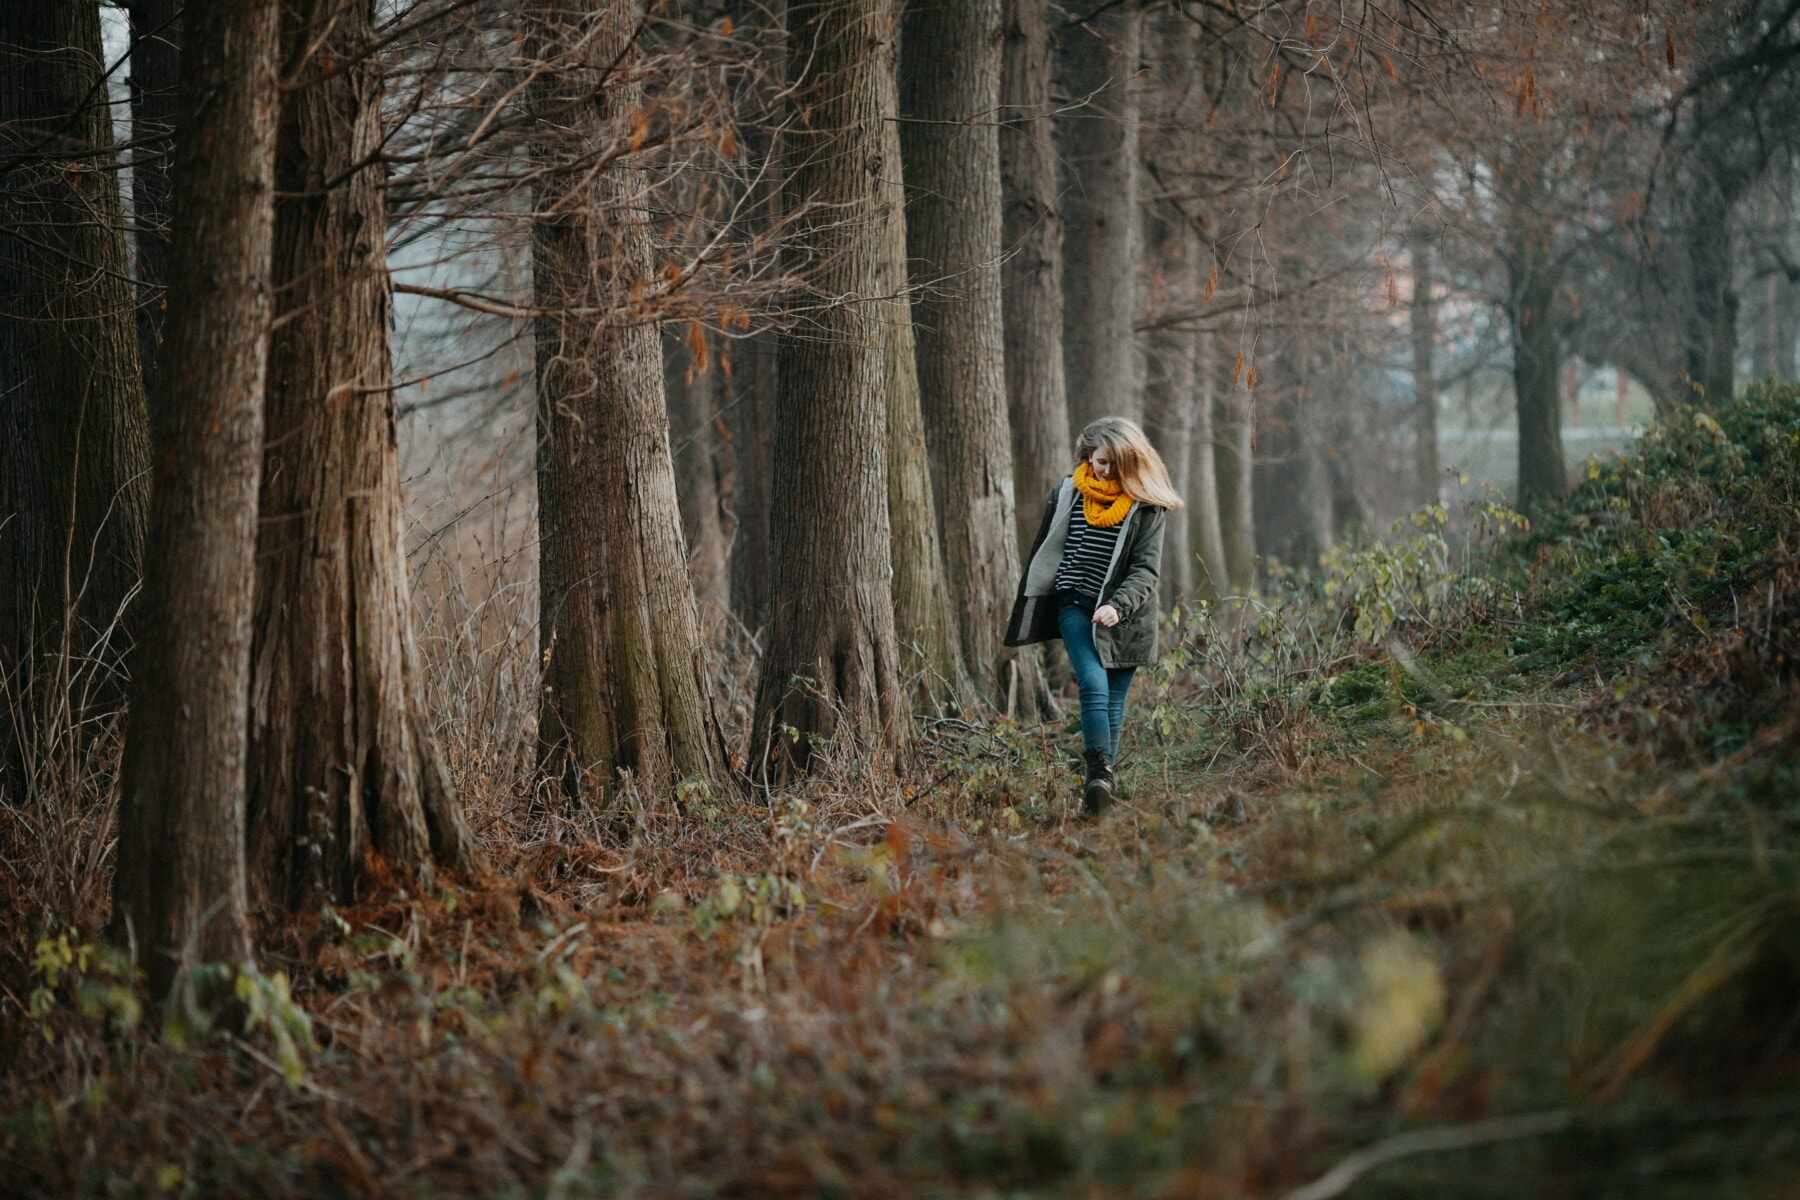 ung kvinde, vinter, skovstien, alene, gå, tåge, mäenrinne, træ, pige, træ